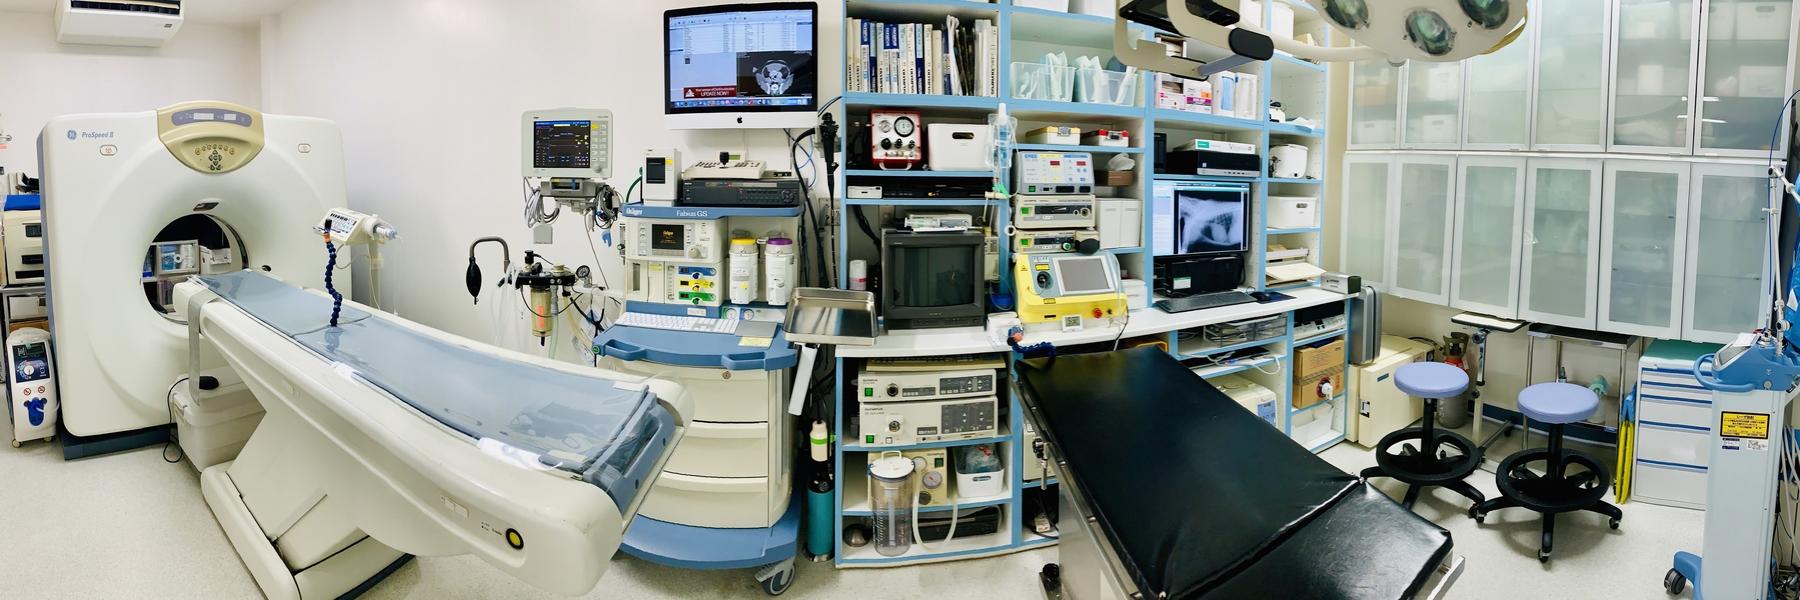 横浜 金沢区の動物病院 マーサ動物病院 CT・手術室